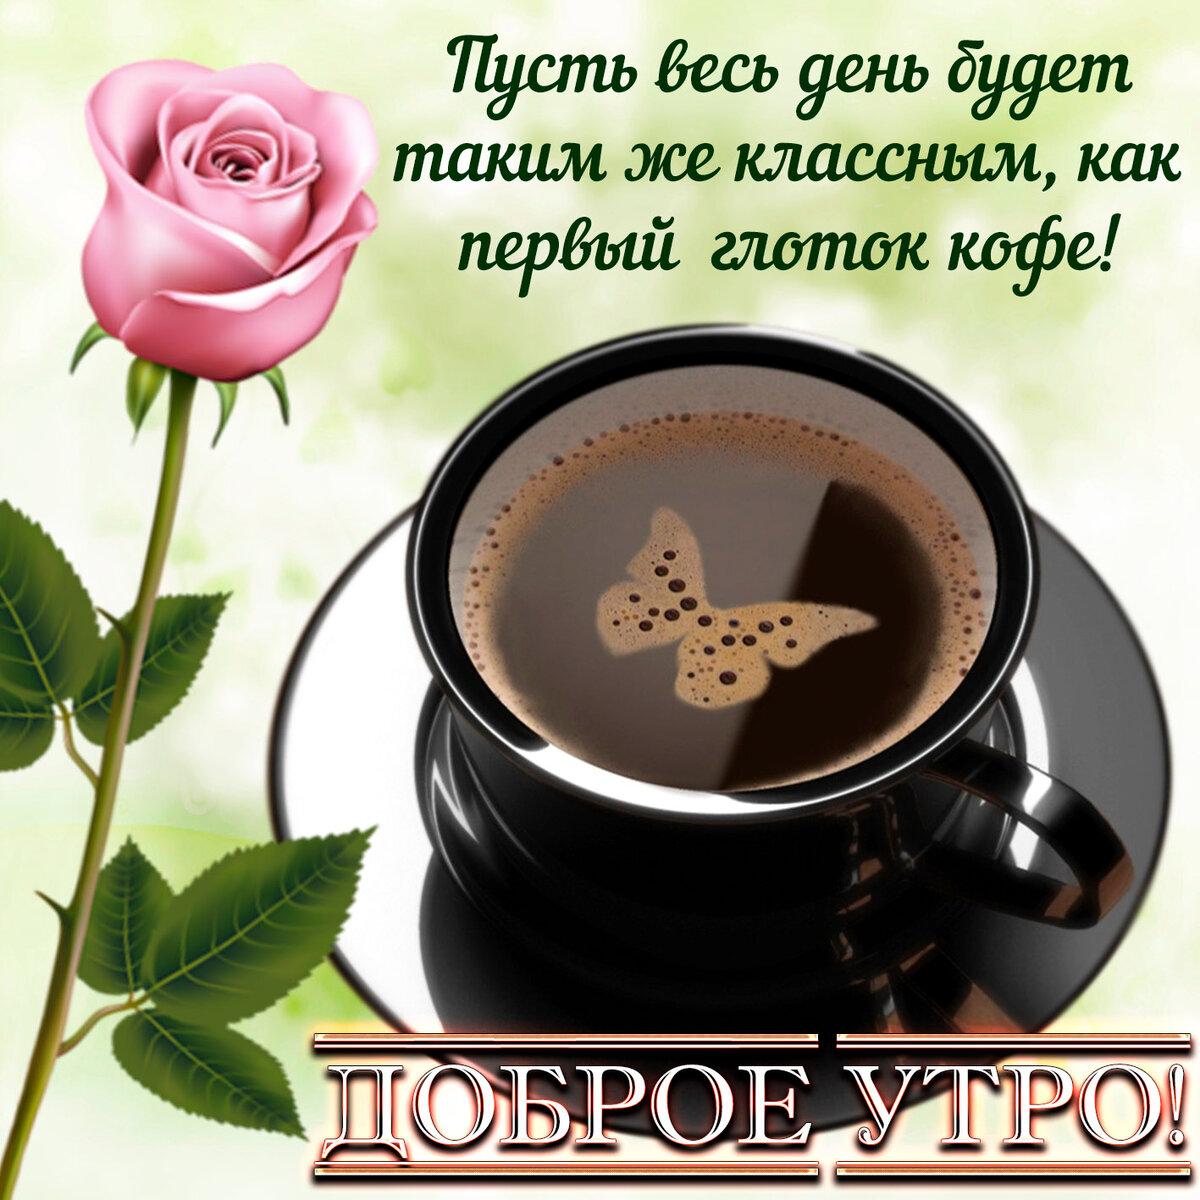 Открытки с добрым утром и кофе с текстом, днем